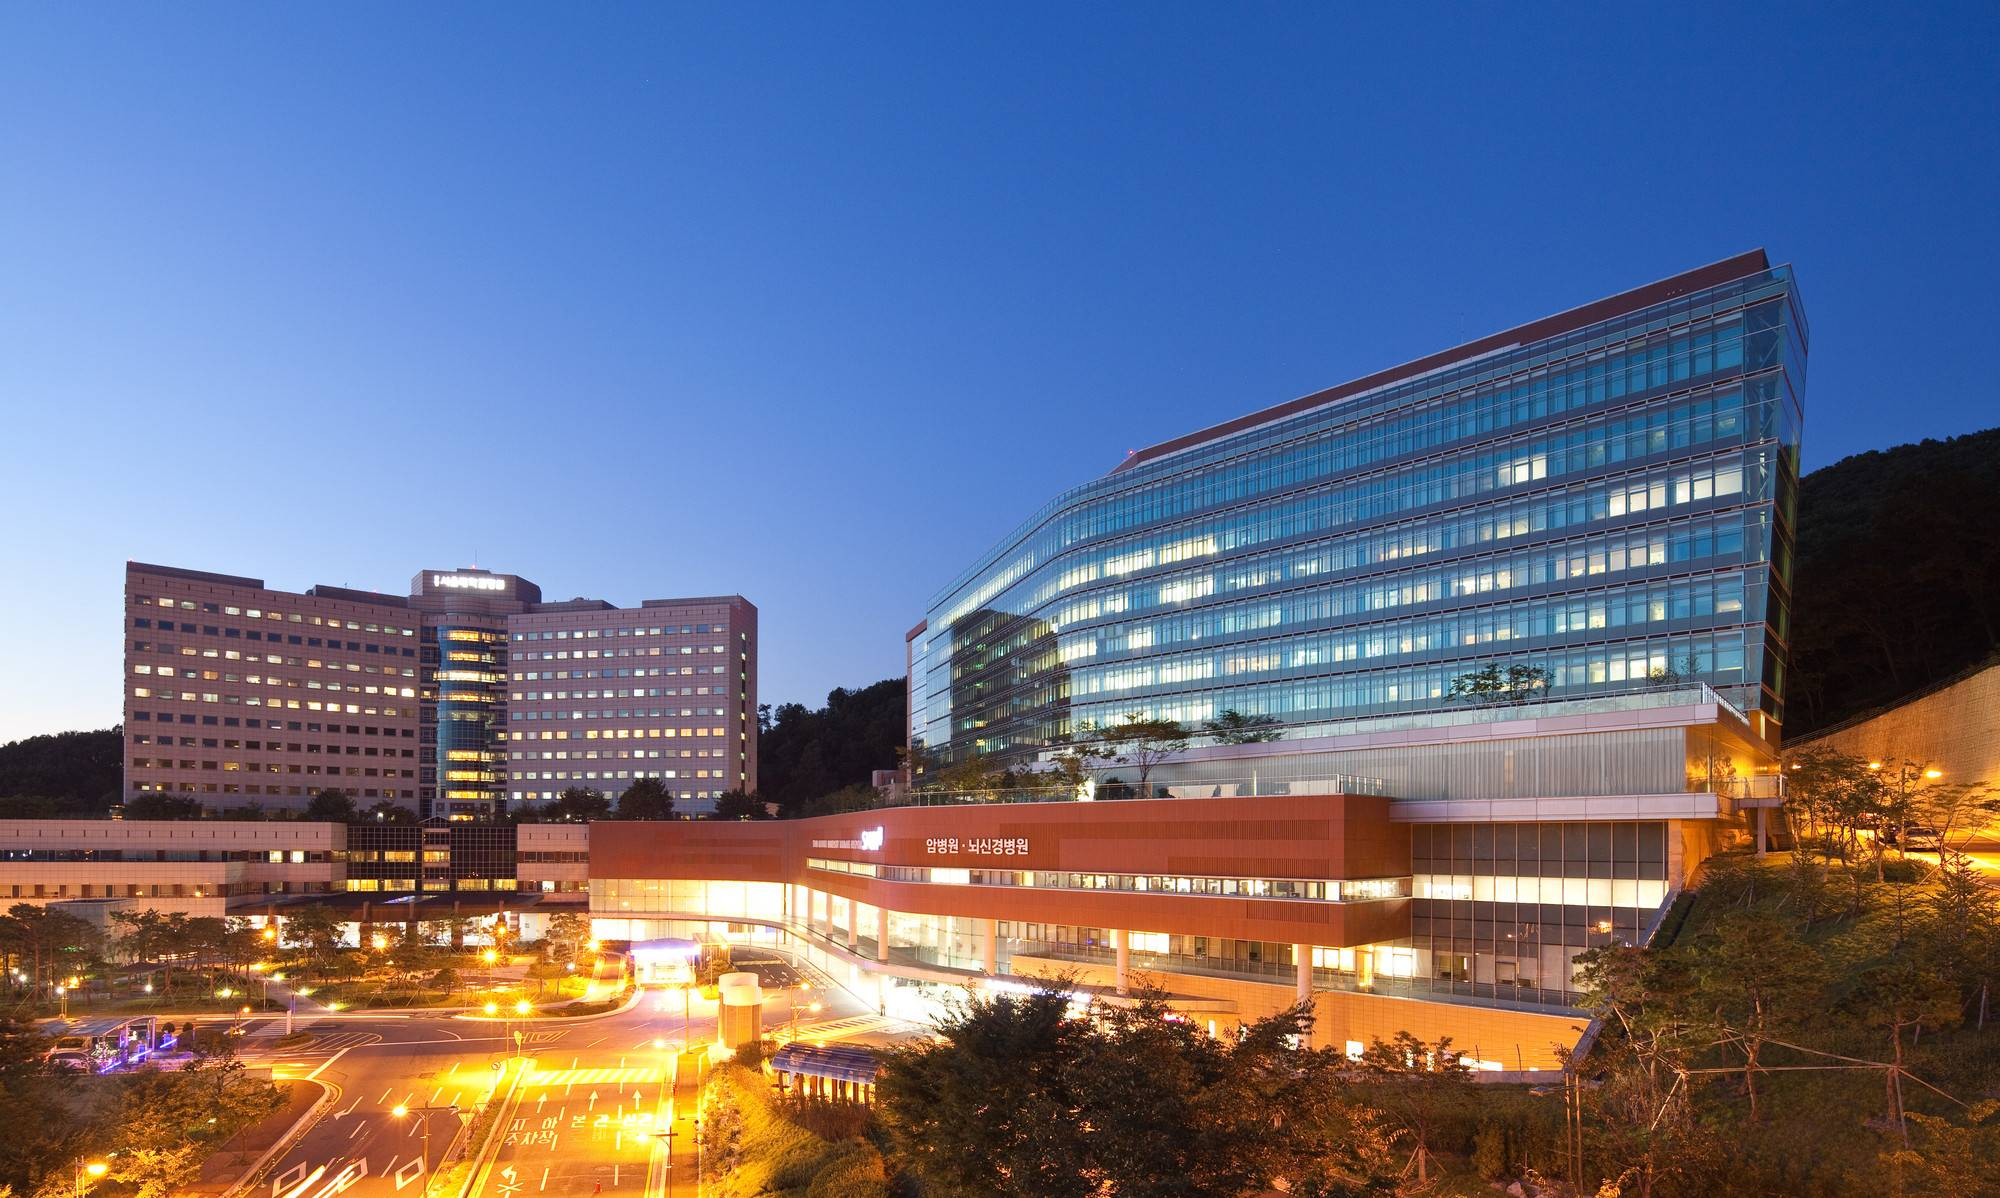 Университет ихва – женский университет ихва в корее (сеул)